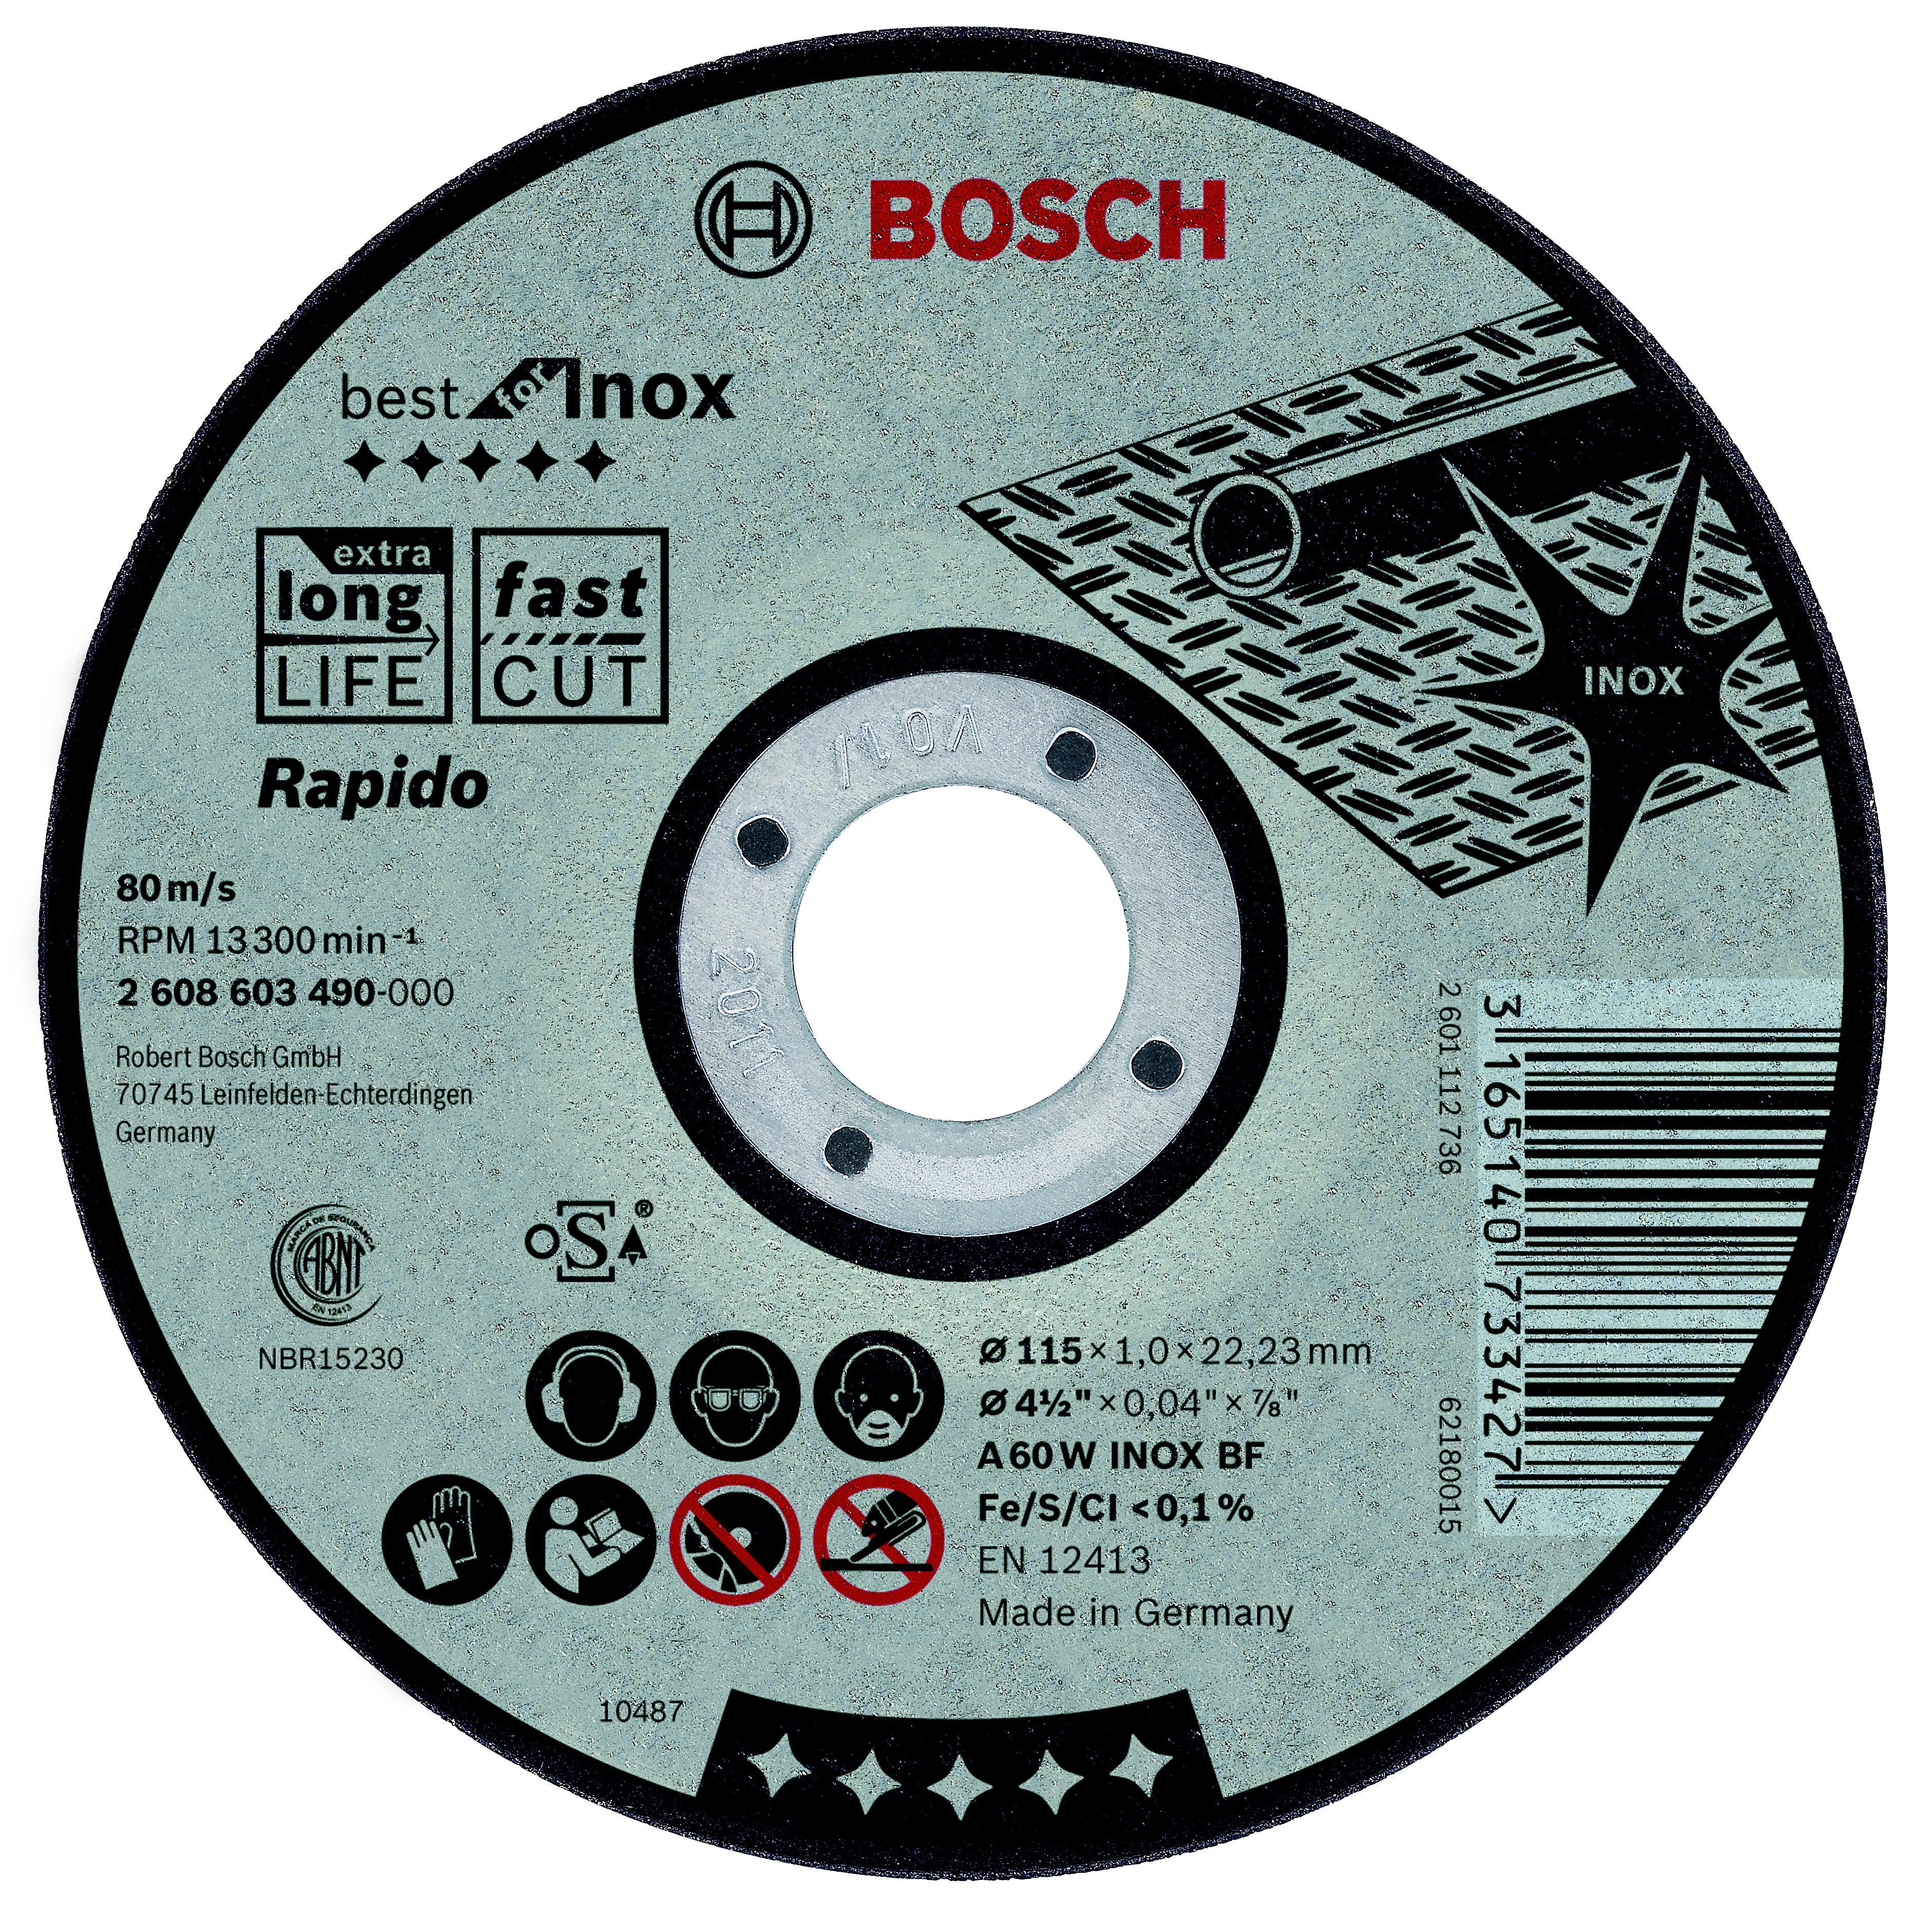 Круг отрезной Bosch 115х1х22 best for inox (2.608.603.490)